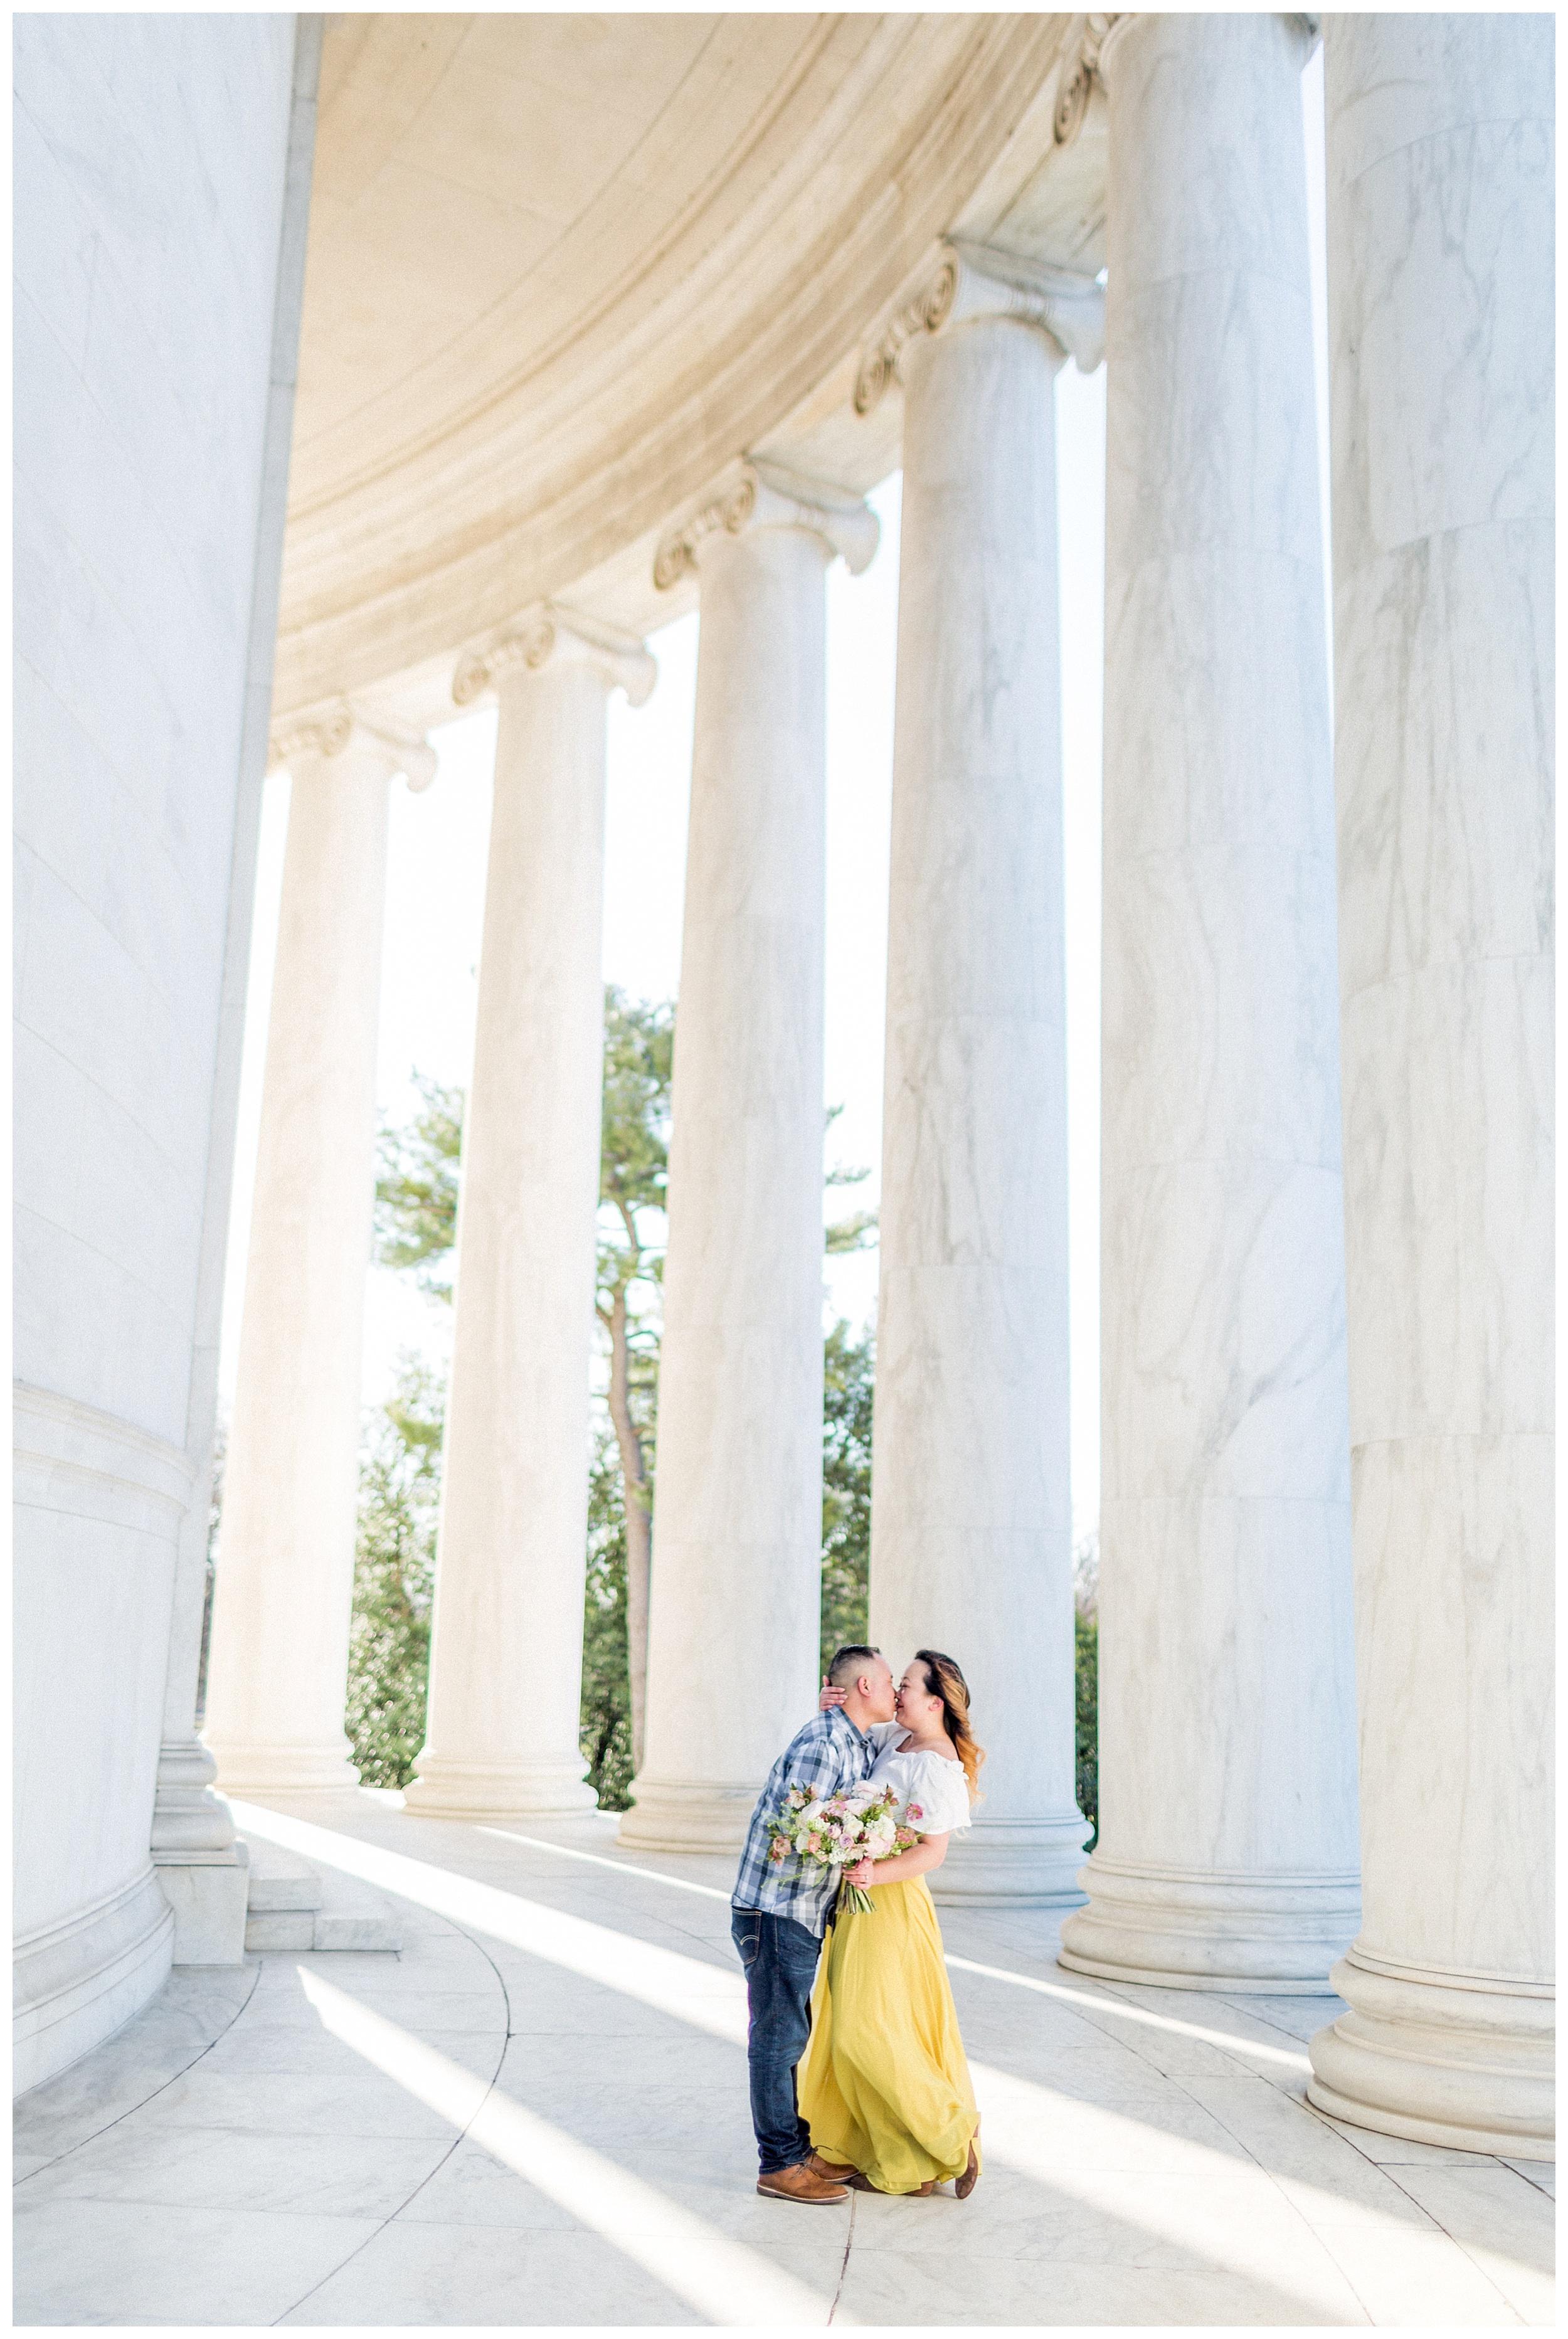 Washington DC Engagement Photos | Thomas Jefferson Engagement Session_0030.jpg